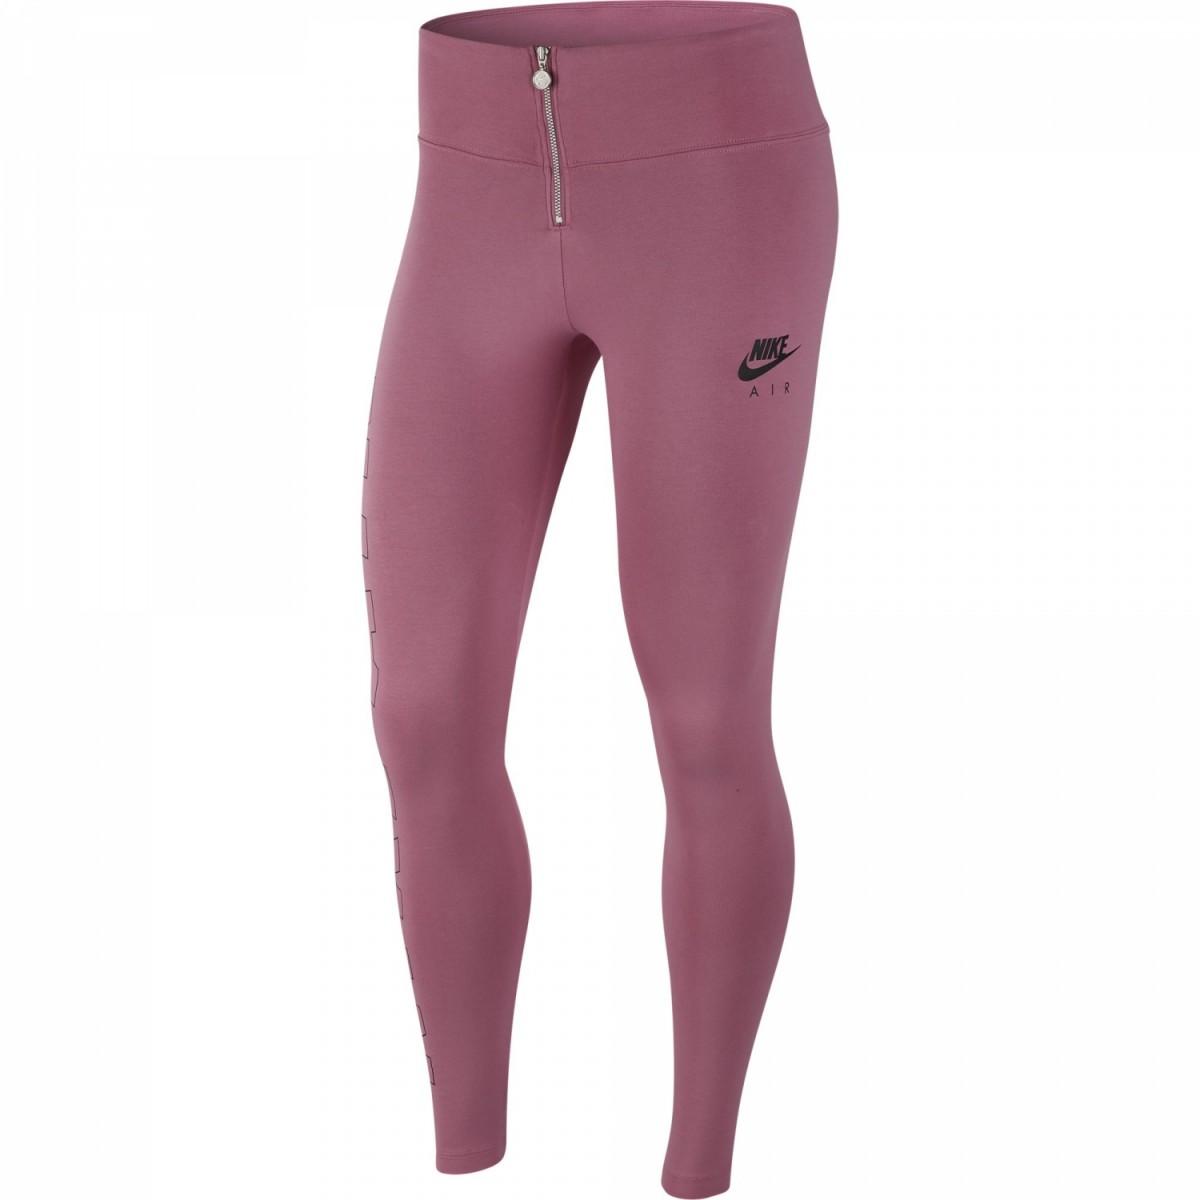 Nike Air Graphic Leggings